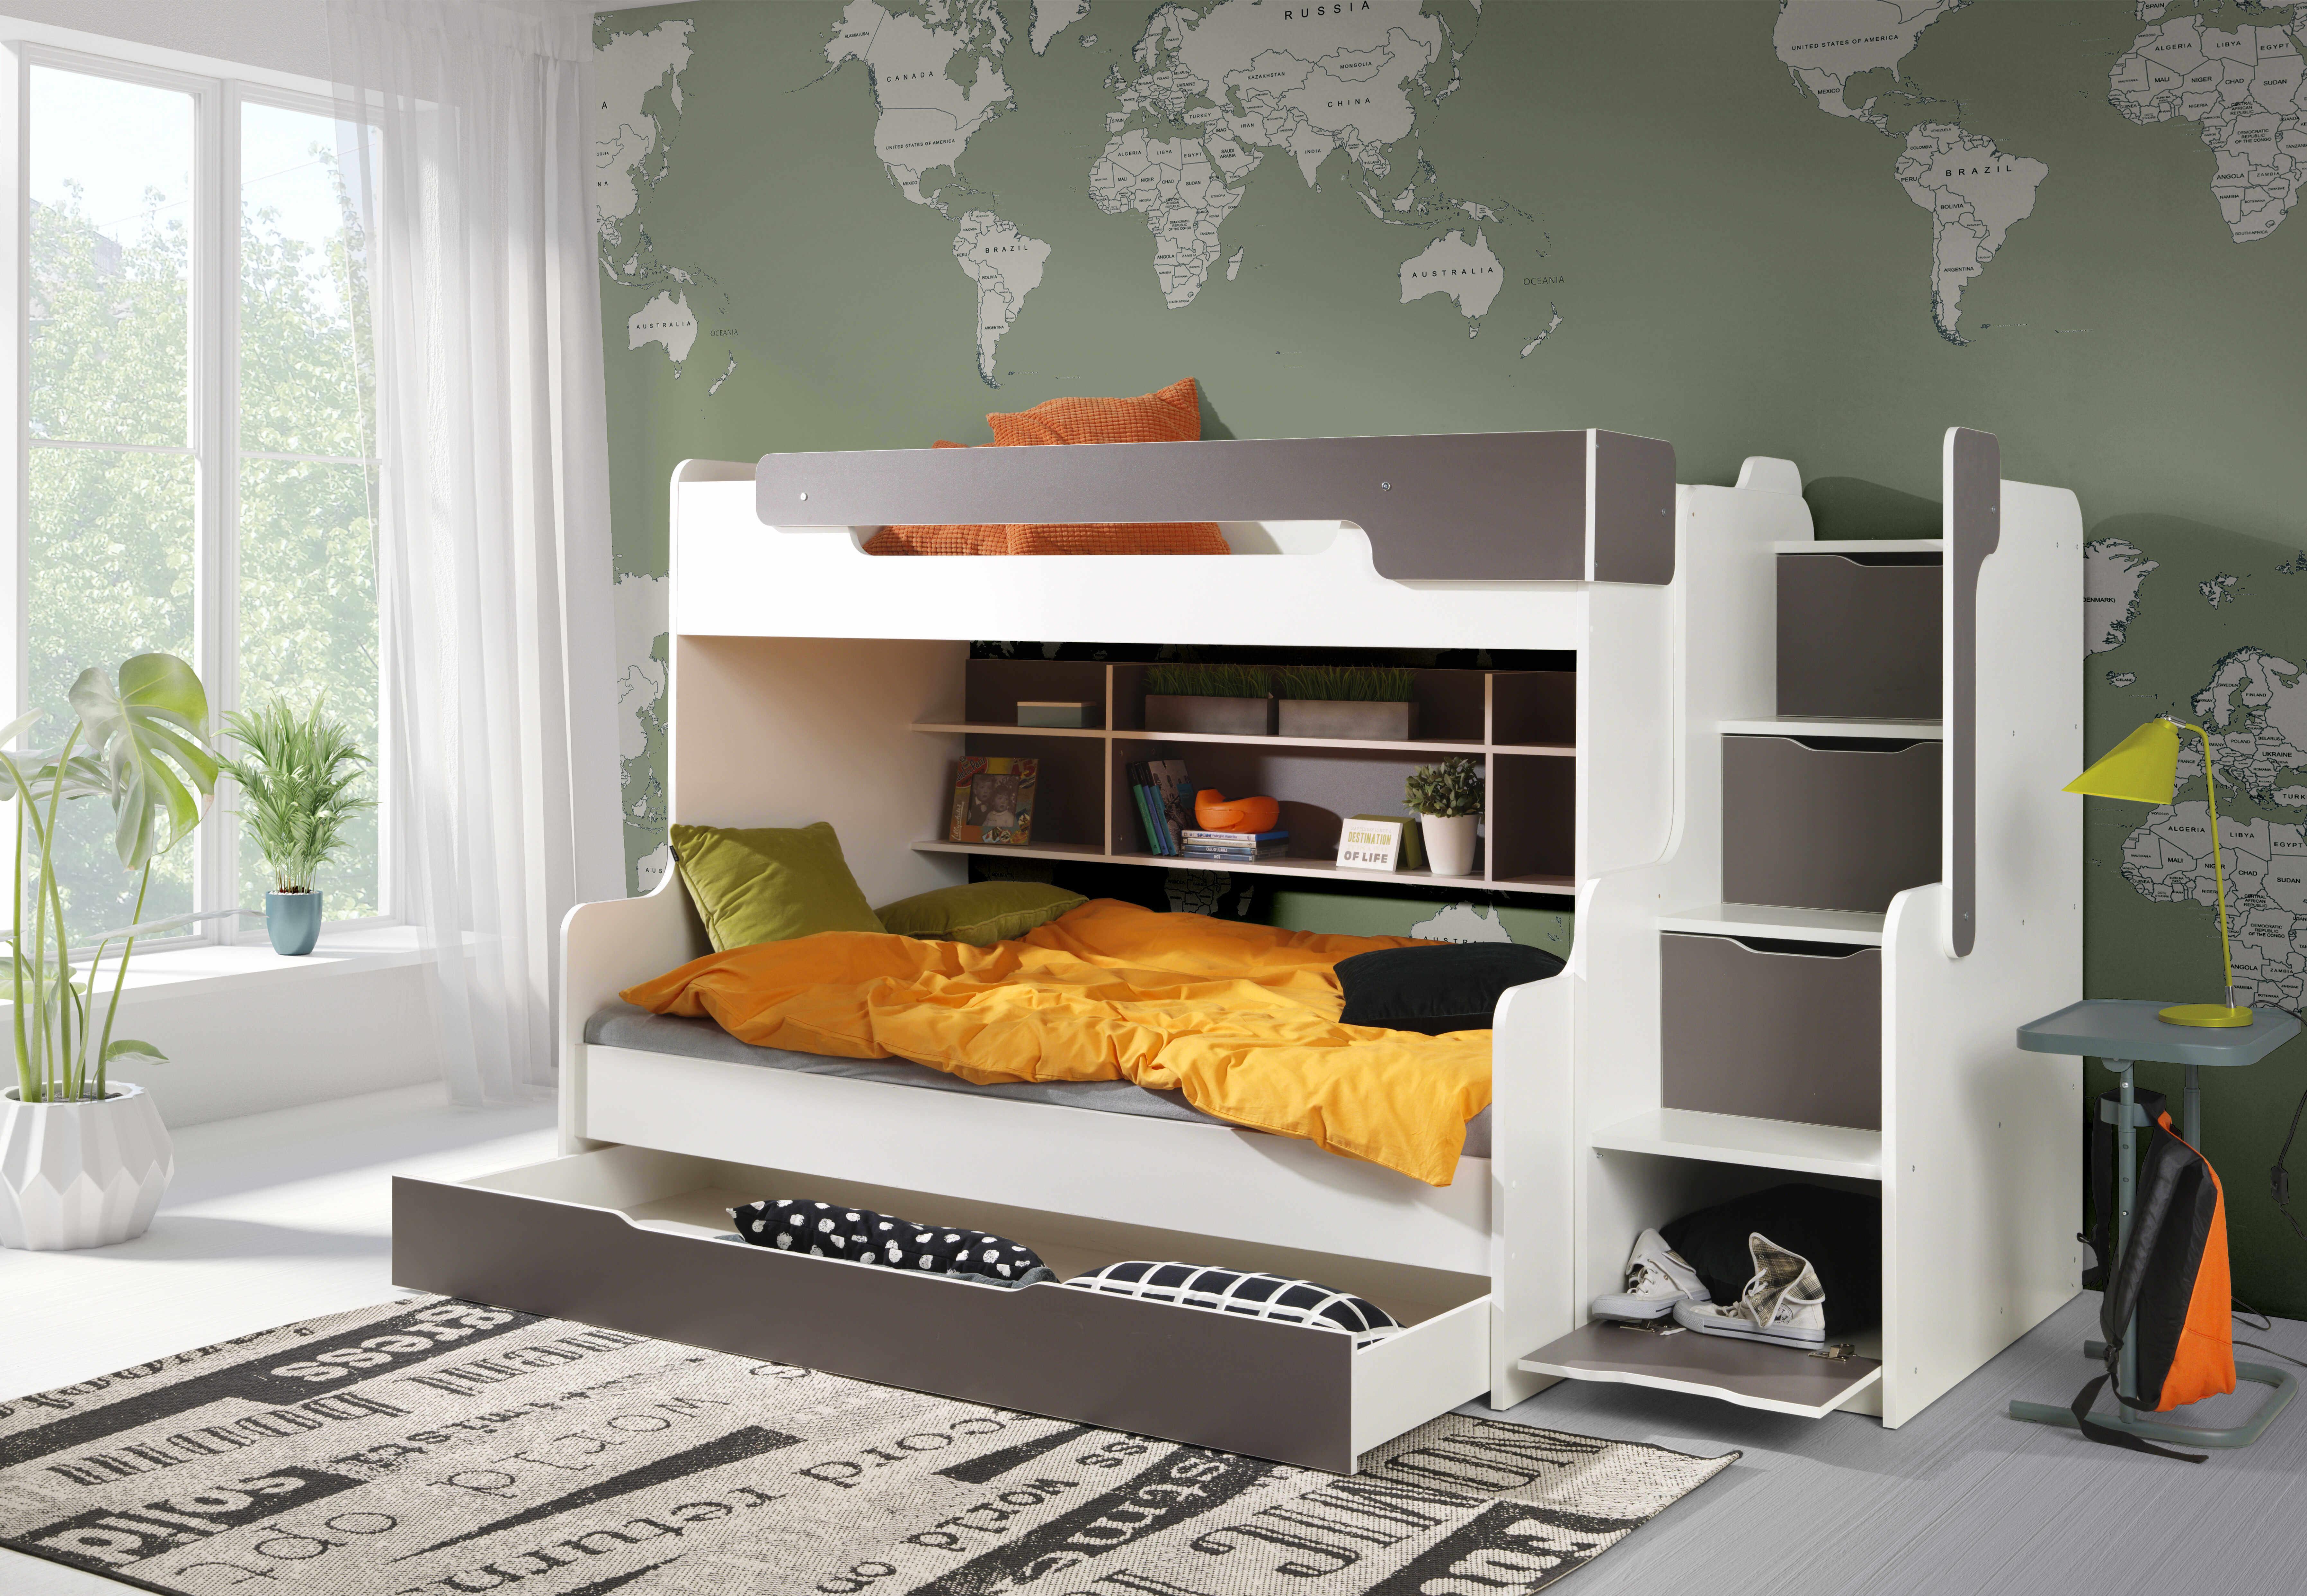 ArtBed Detská poschodová posteľ Harry Farba: Biela/sivá